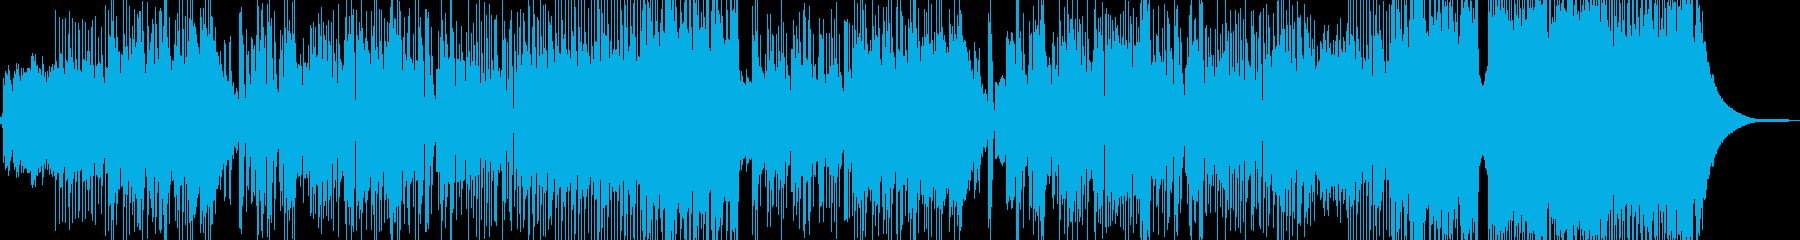 新鮮な空気感を演出・クールなロック Aの再生済みの波形